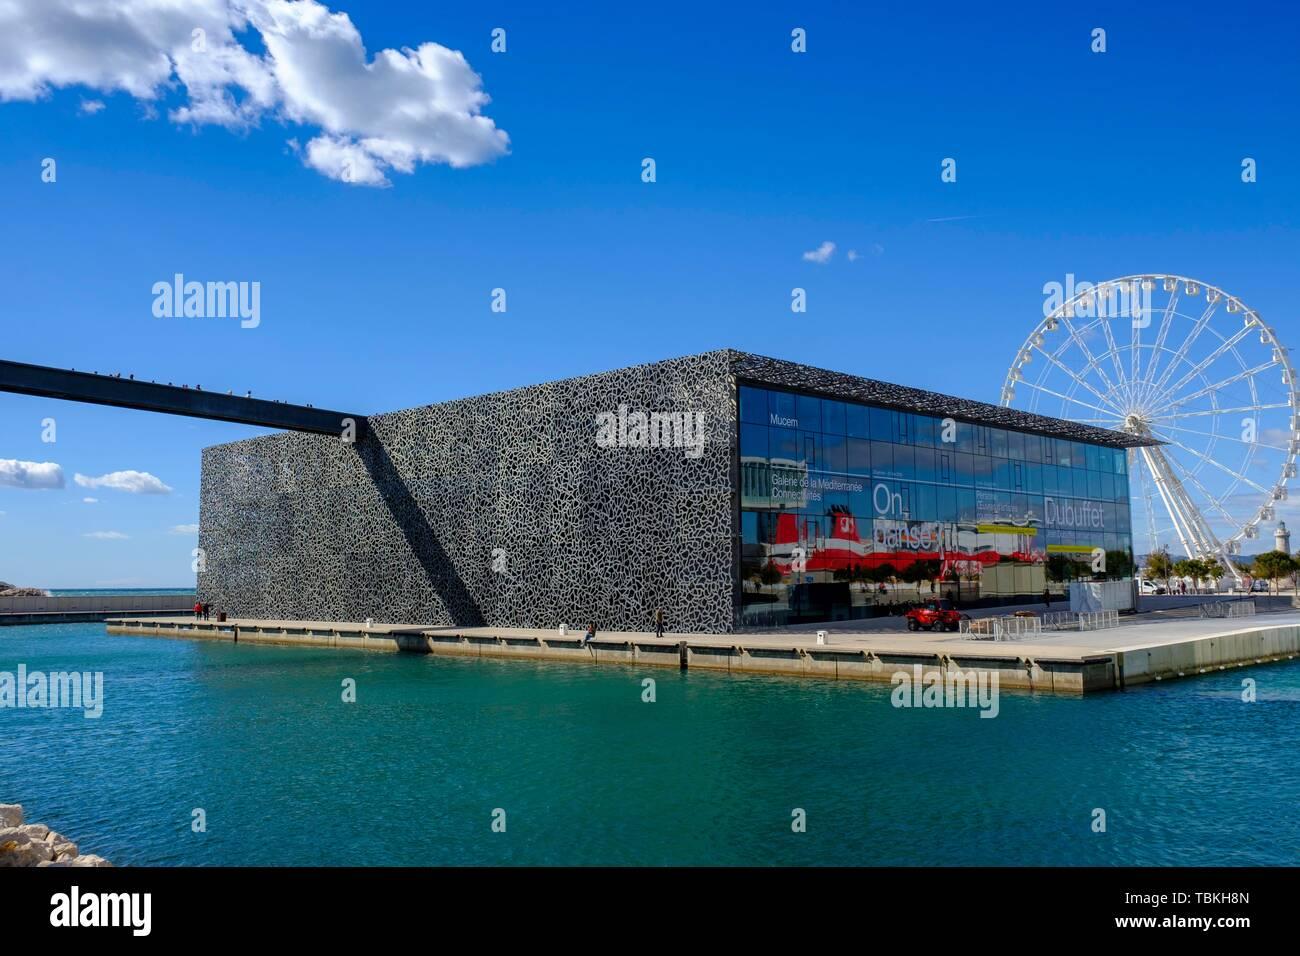 MuCEM, Musee des civilisations de l'Europe et de la Mediterranee, Marseille, Provence-Alpes-Cote d'Azur, France - Stock Image